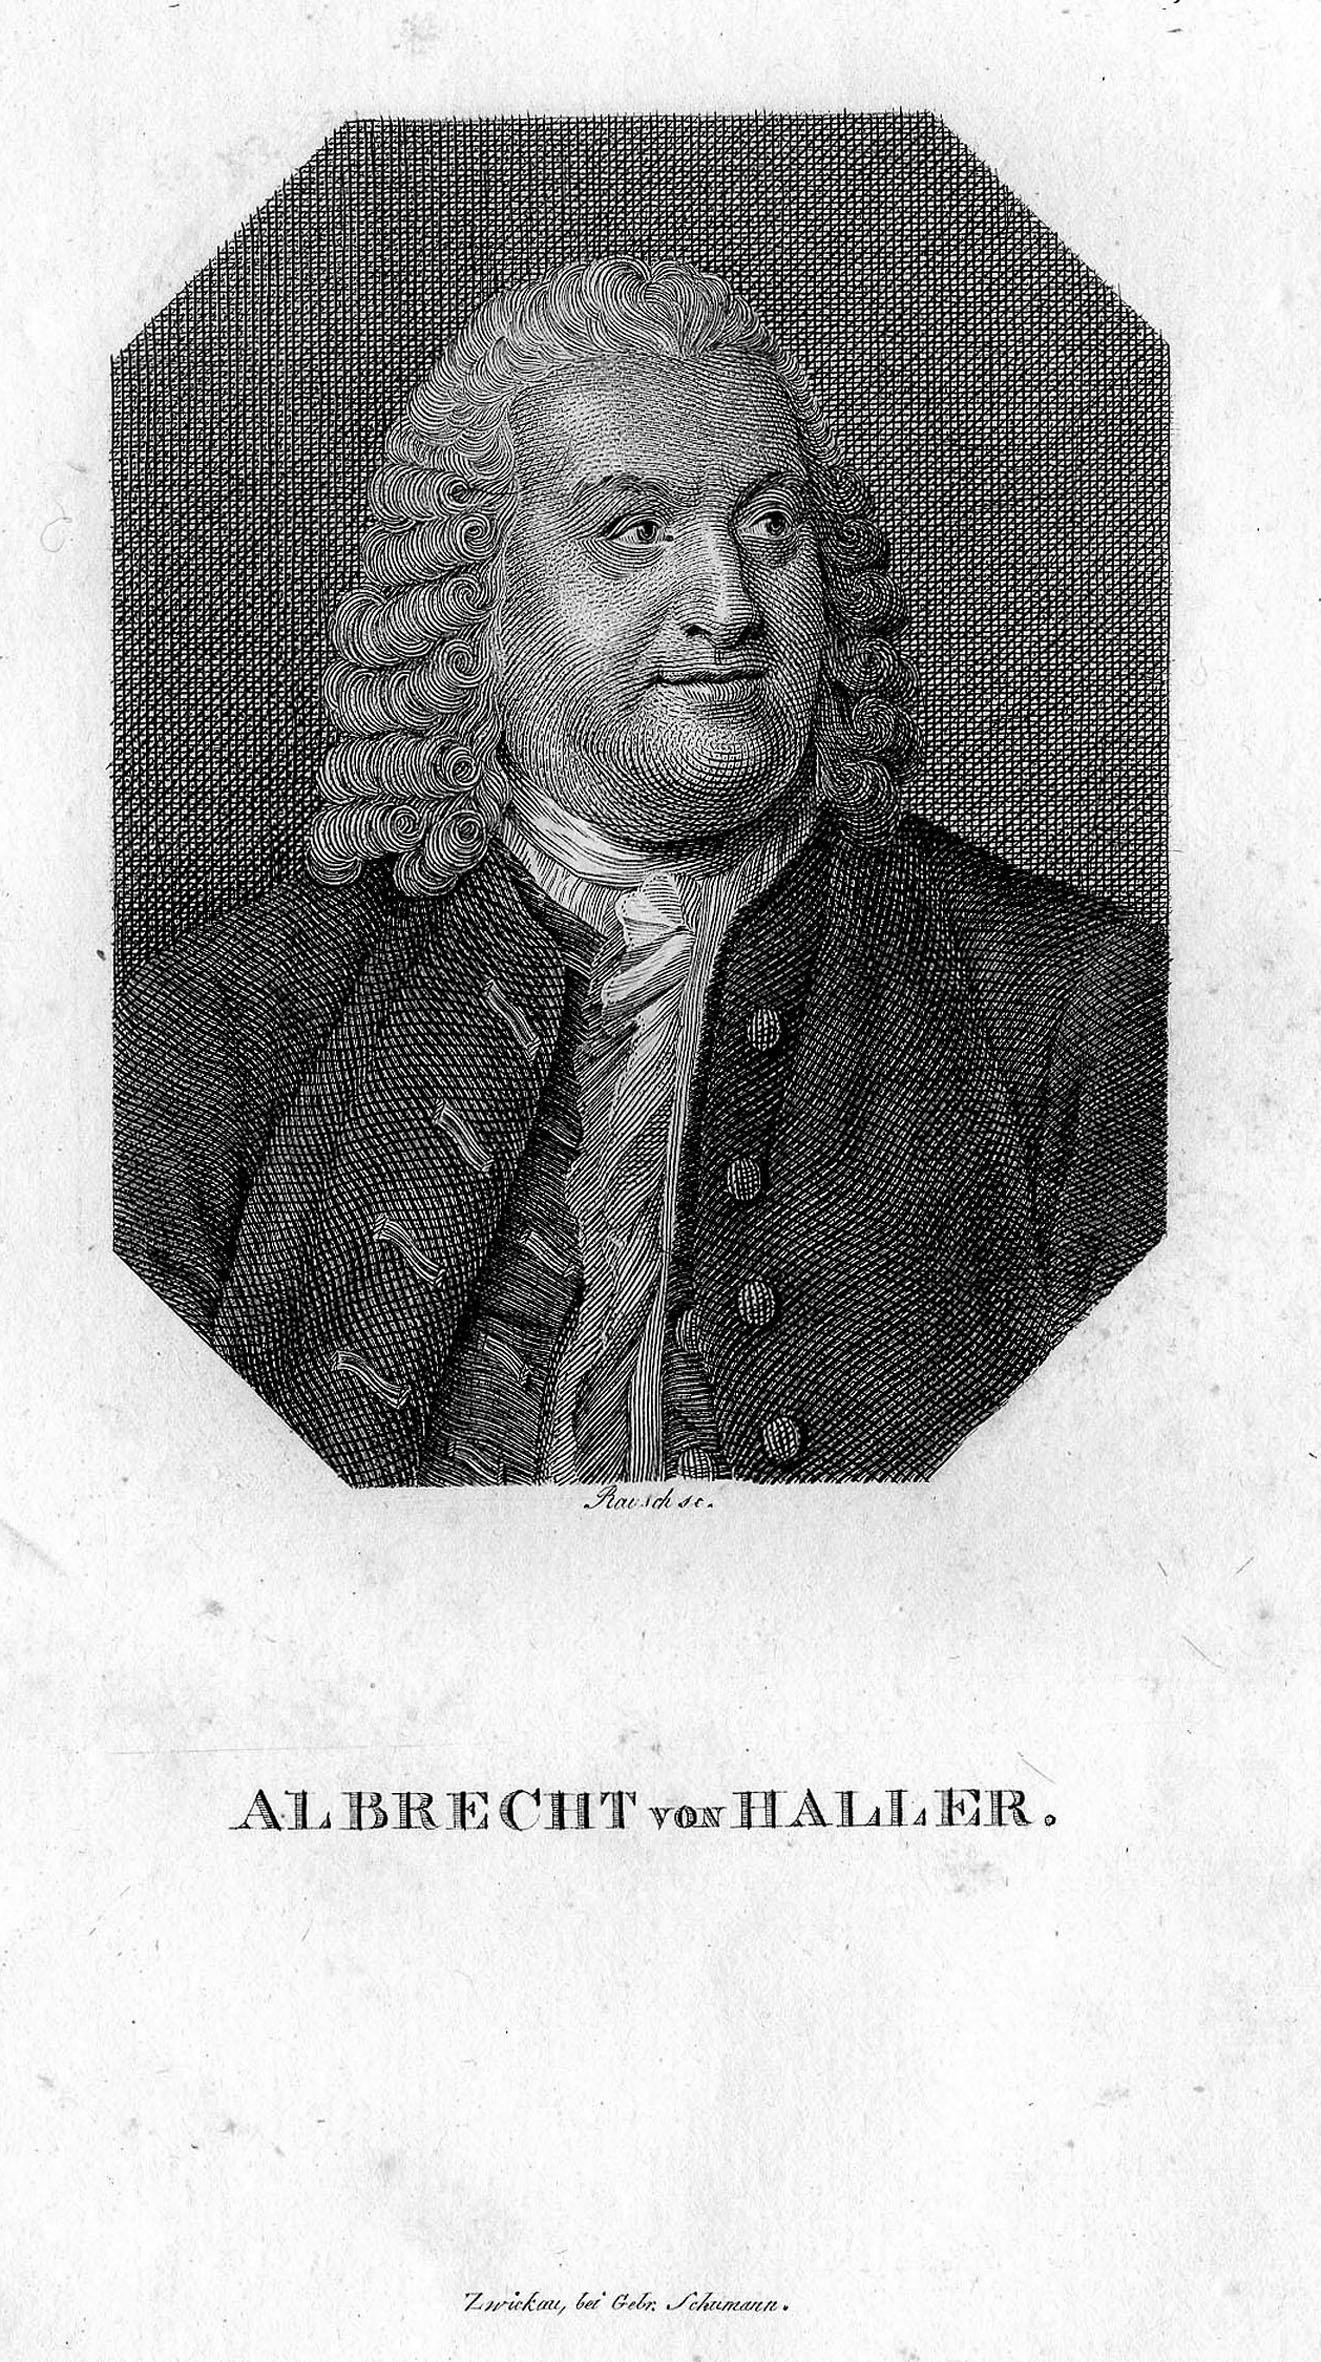 Albrecht von Haller (Bern 16. 10. 1708: HALLER, Albrecht von